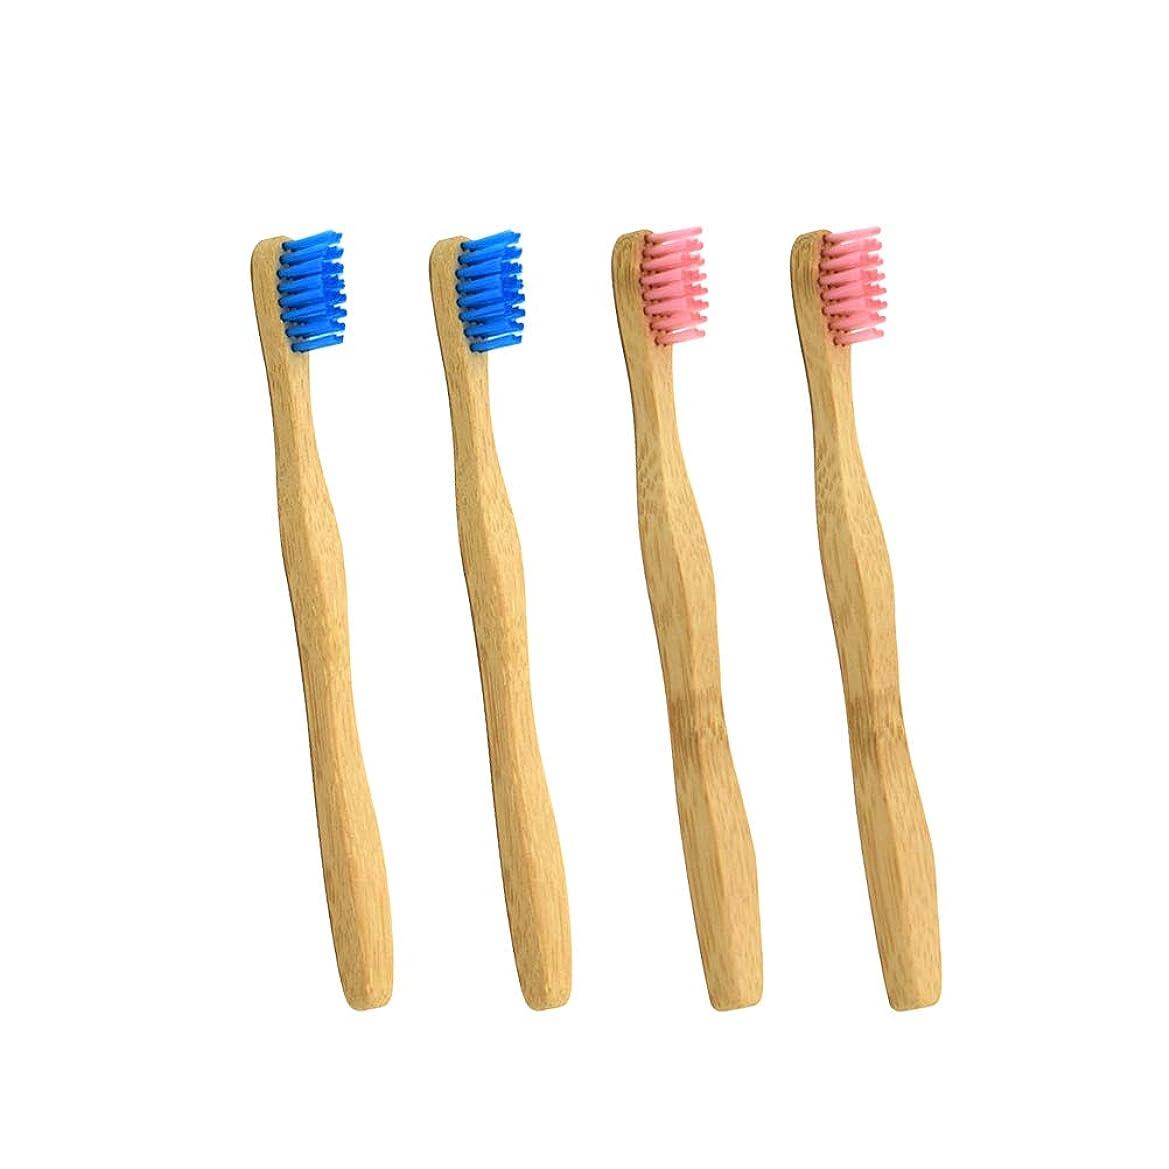 収束レクリエーション層Healifty 子供旅行のための竹の歯ブラシの木炭剛毛使い捨てのナイロン歯ブラシ(ピンクとピンク各2本)